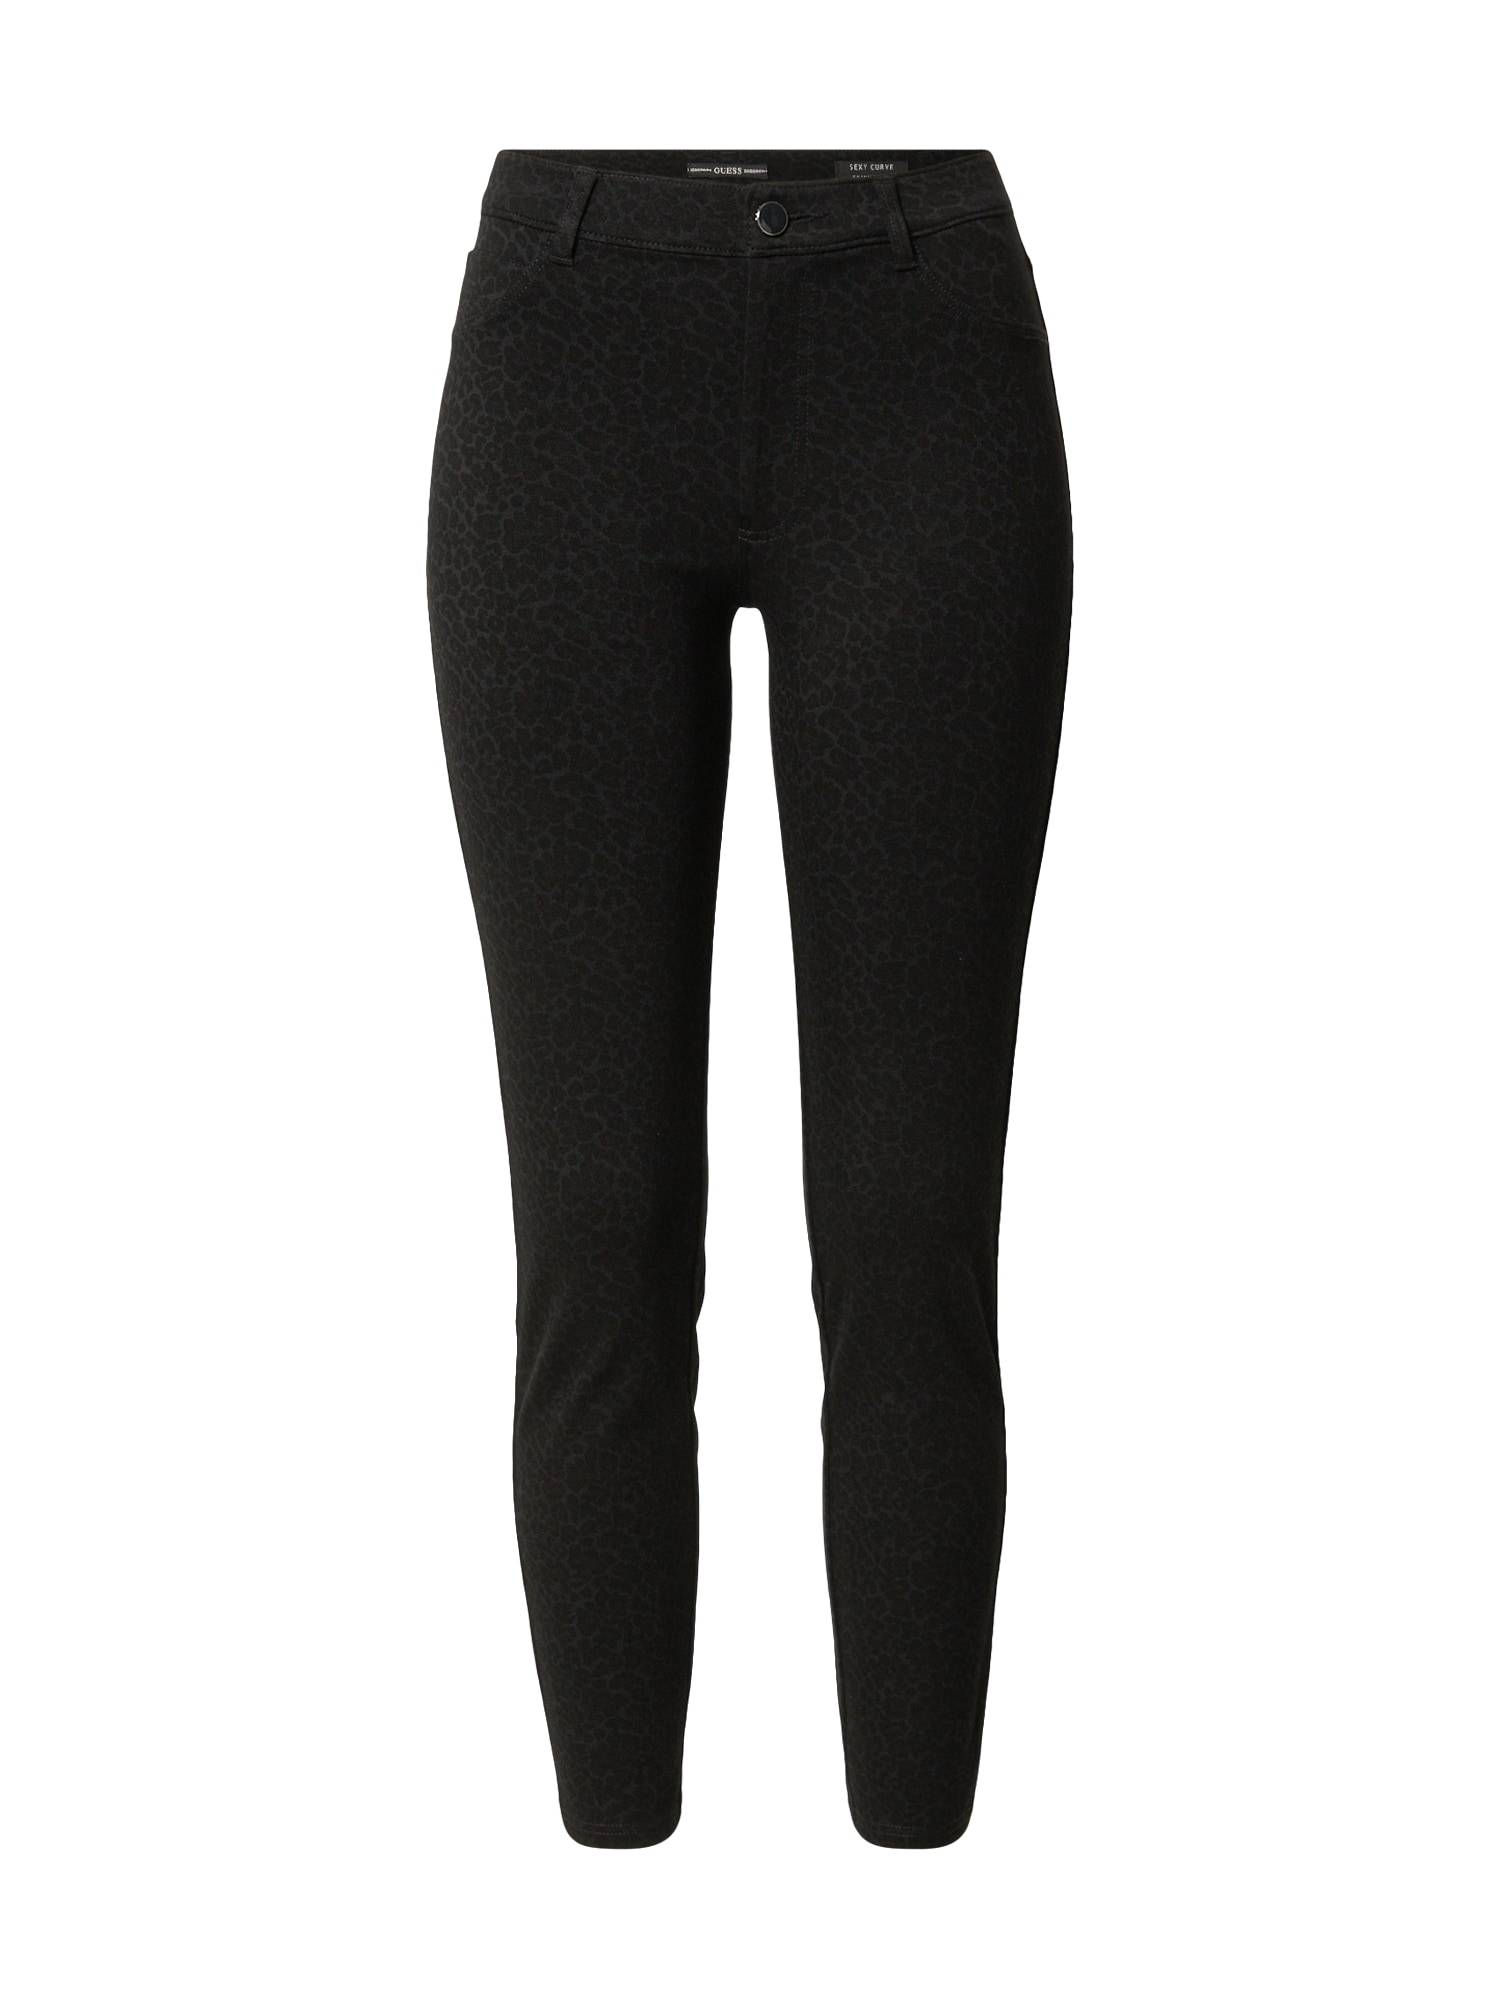 GUESS Pantalon 'SEXY CURVE'  - Noir - Taille: 25 - female